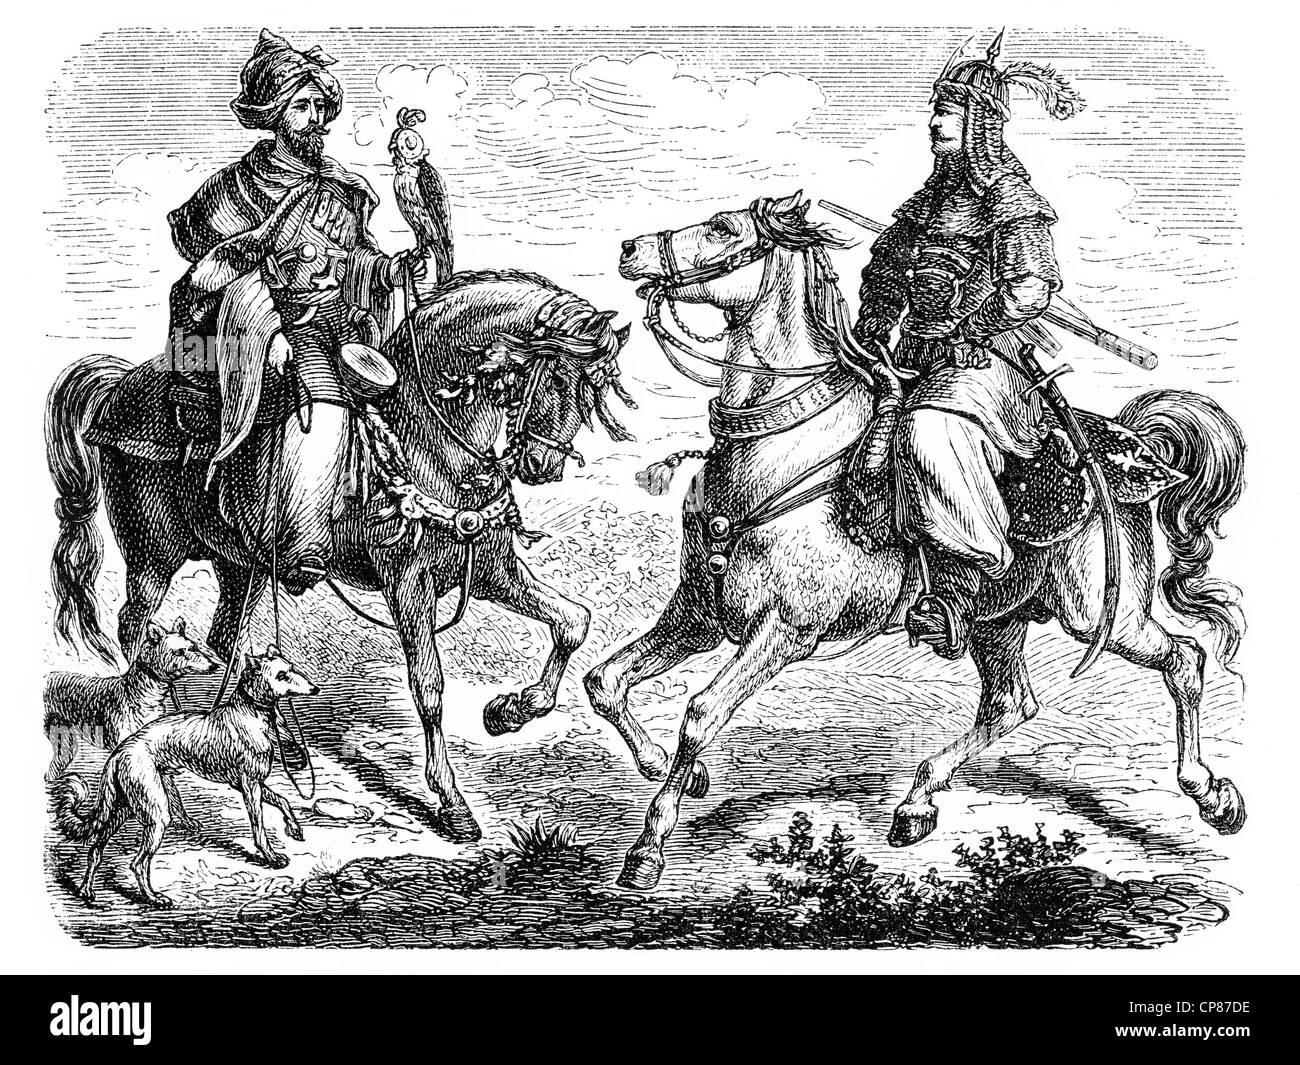 Au Liban, les chefs gravure historique, 19e siècle Häuptlinge im Liban, historischer Stich Photo Stock